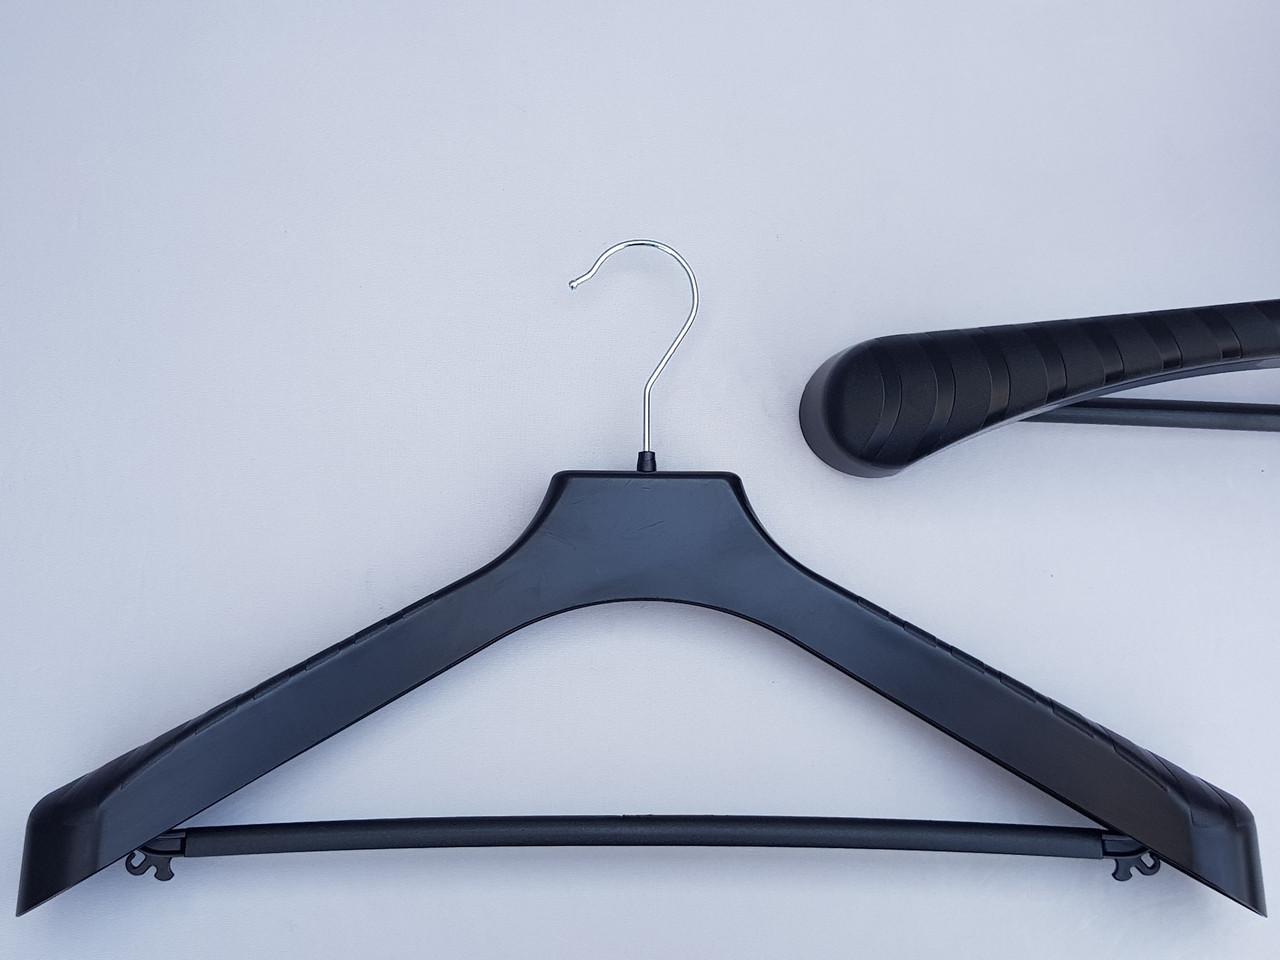 Плічка вішалки тремпеля V-PLp46 чорного кольору, довжина 46 см